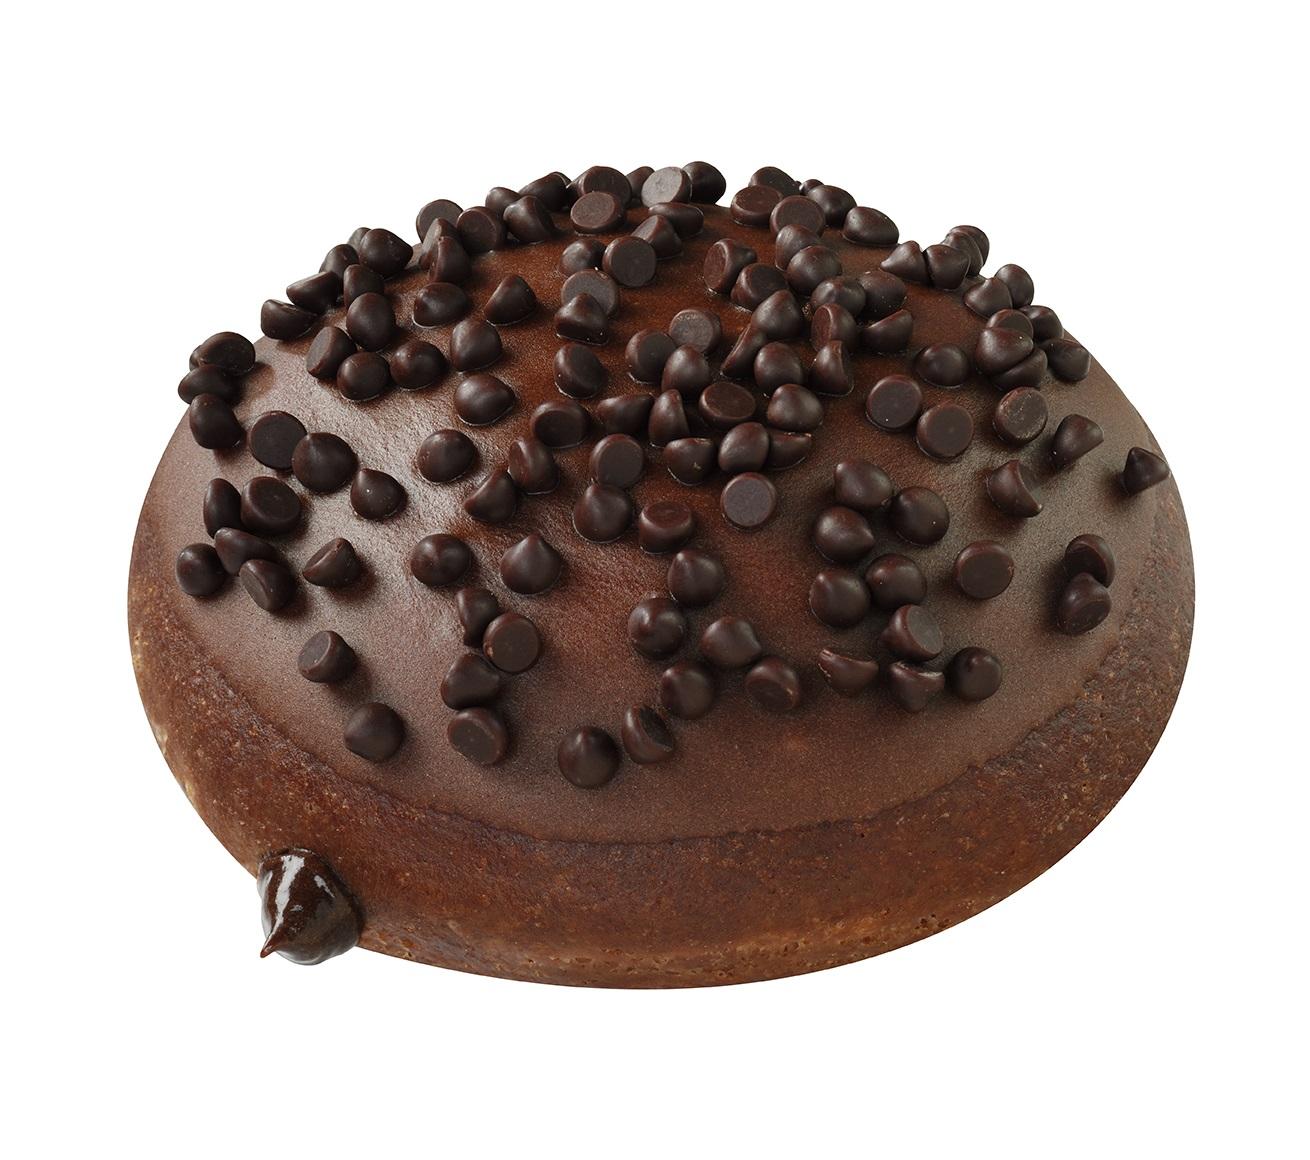 Image result for brownie batter donut krispy kreme